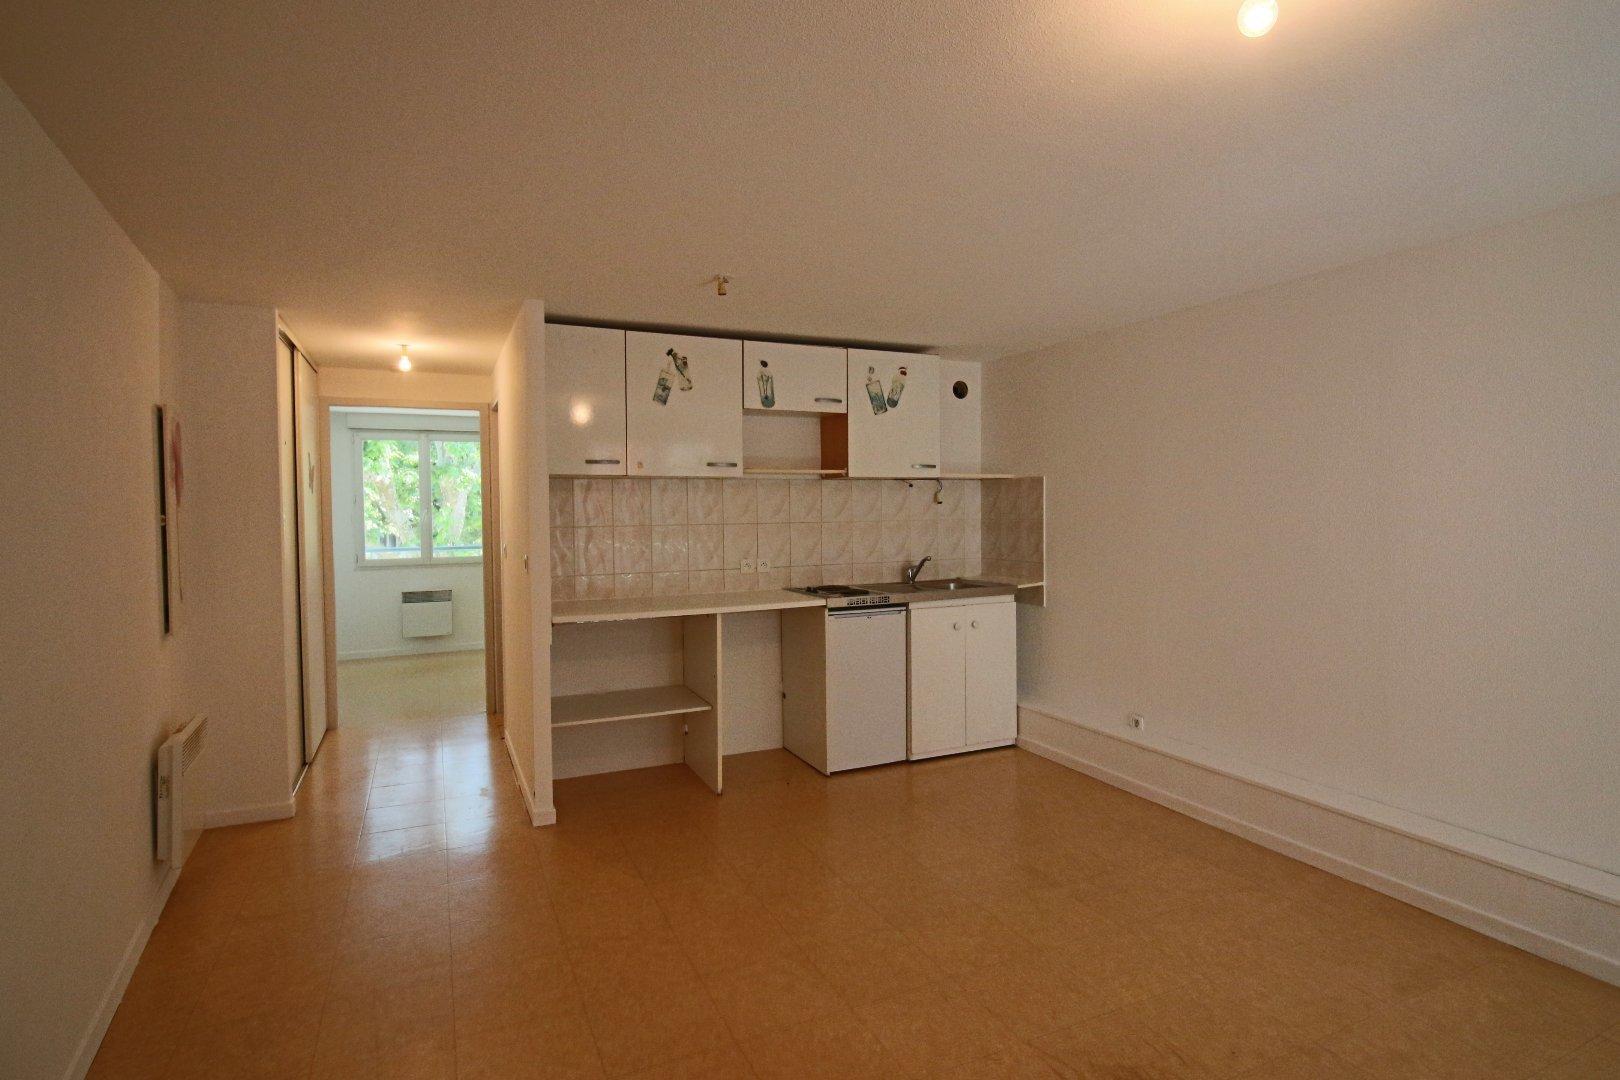 Appartement 2pièces 38m² à Domène